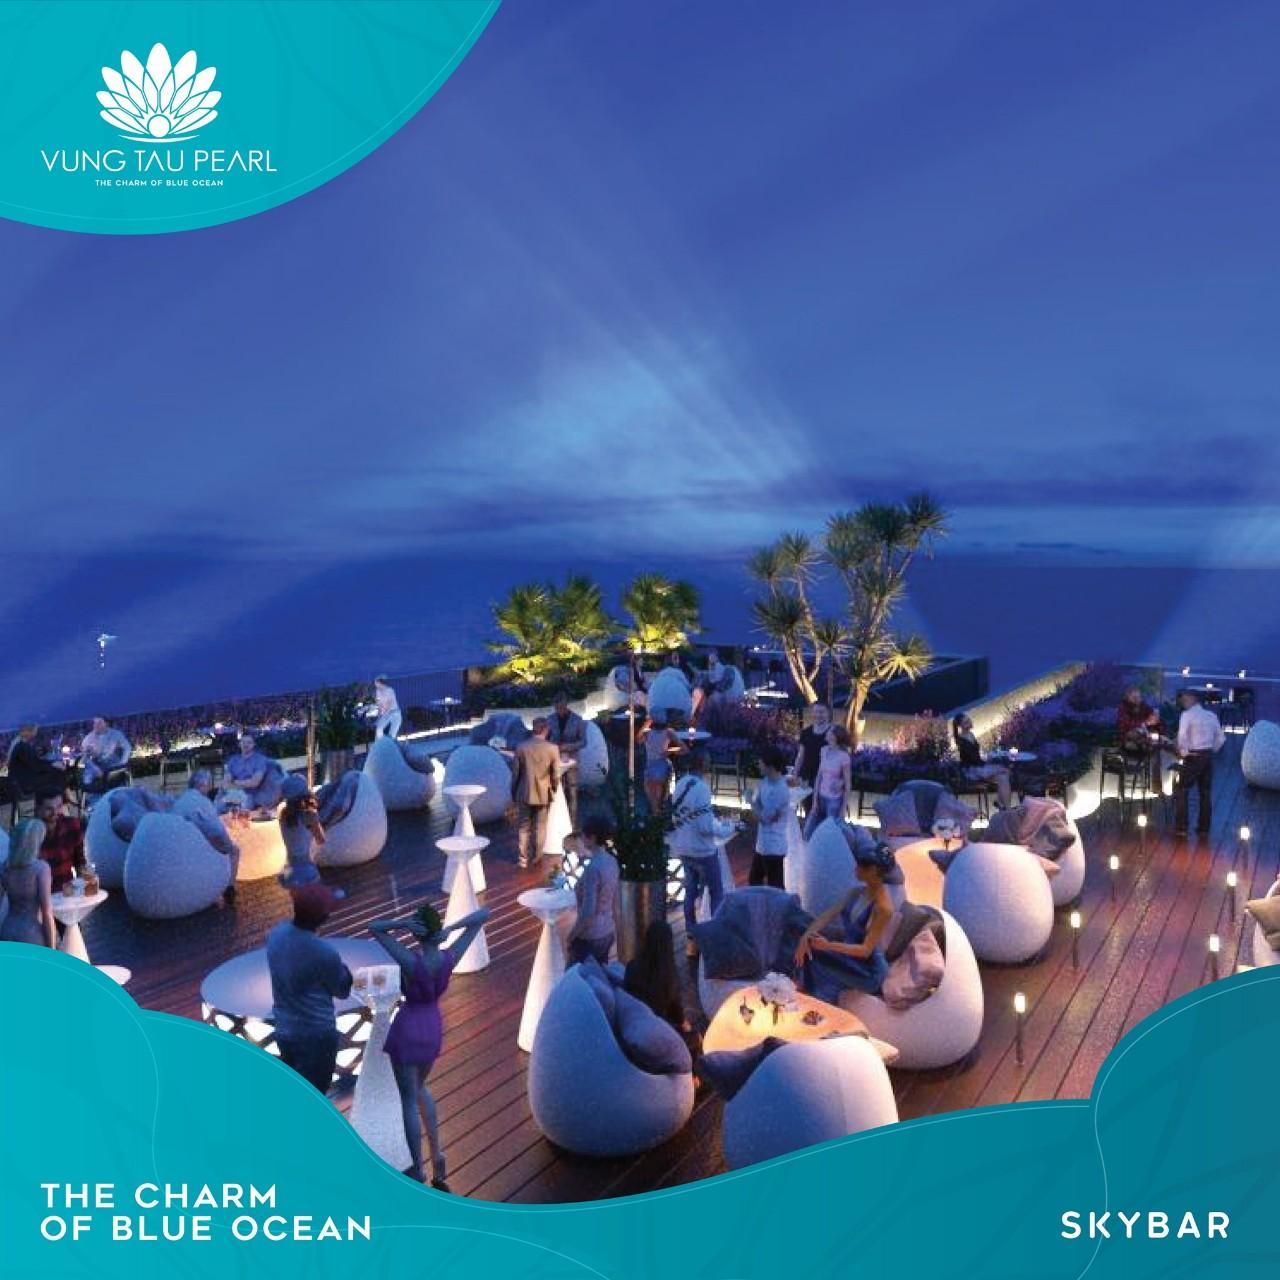 Sky bar tầng 33 dự án Vung Tau Pearl